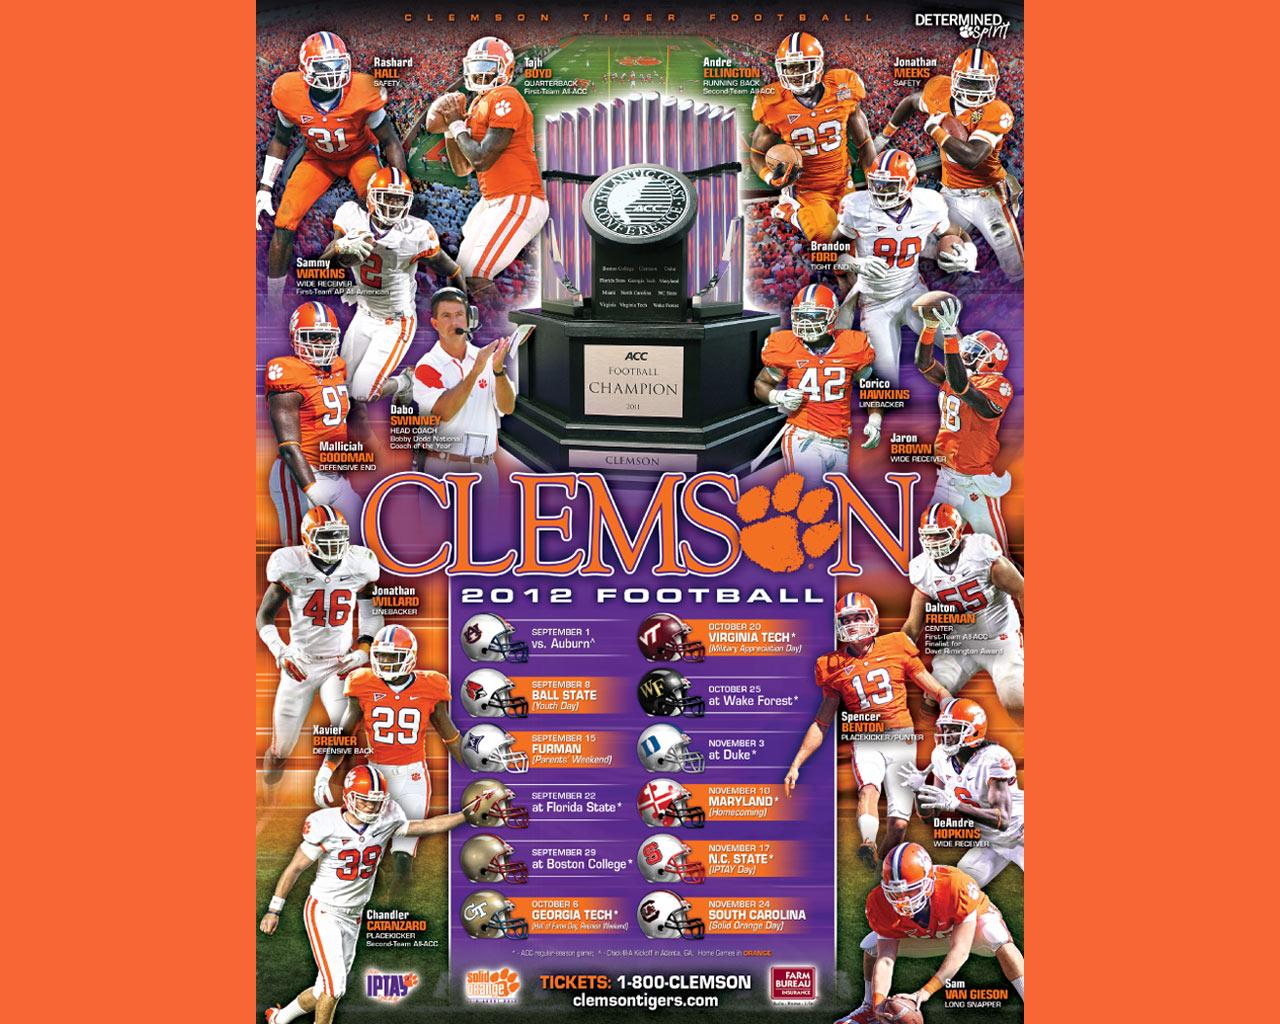 27 2012 Clemson 2012 Football Schedule Clemson Tigers football 1280x1024